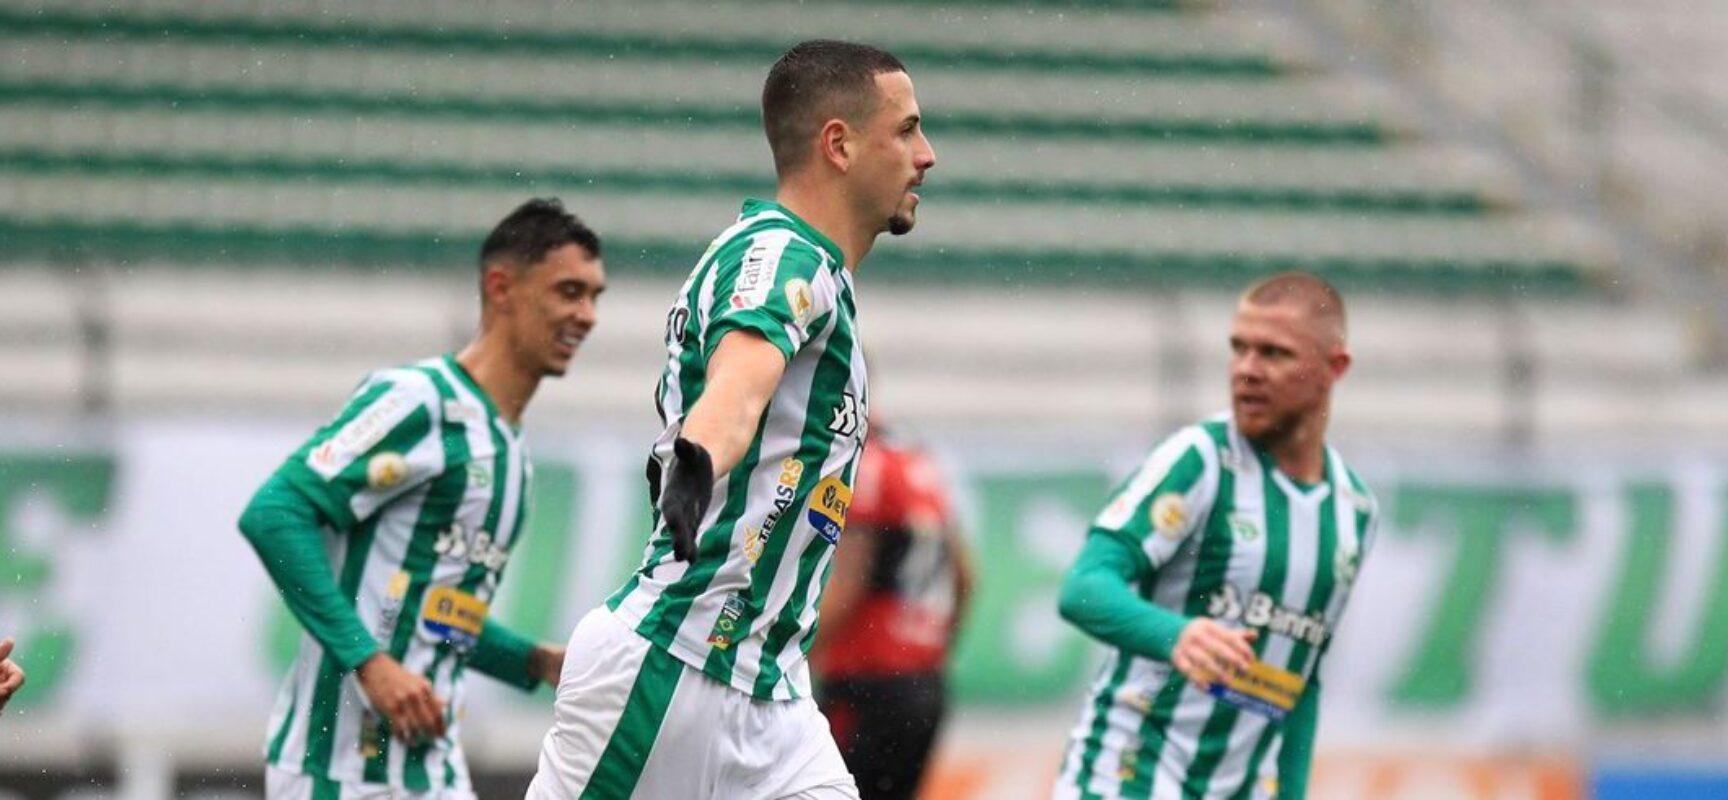 Gramado traiçoeiro ajuda e Juventude derrota Flamengo